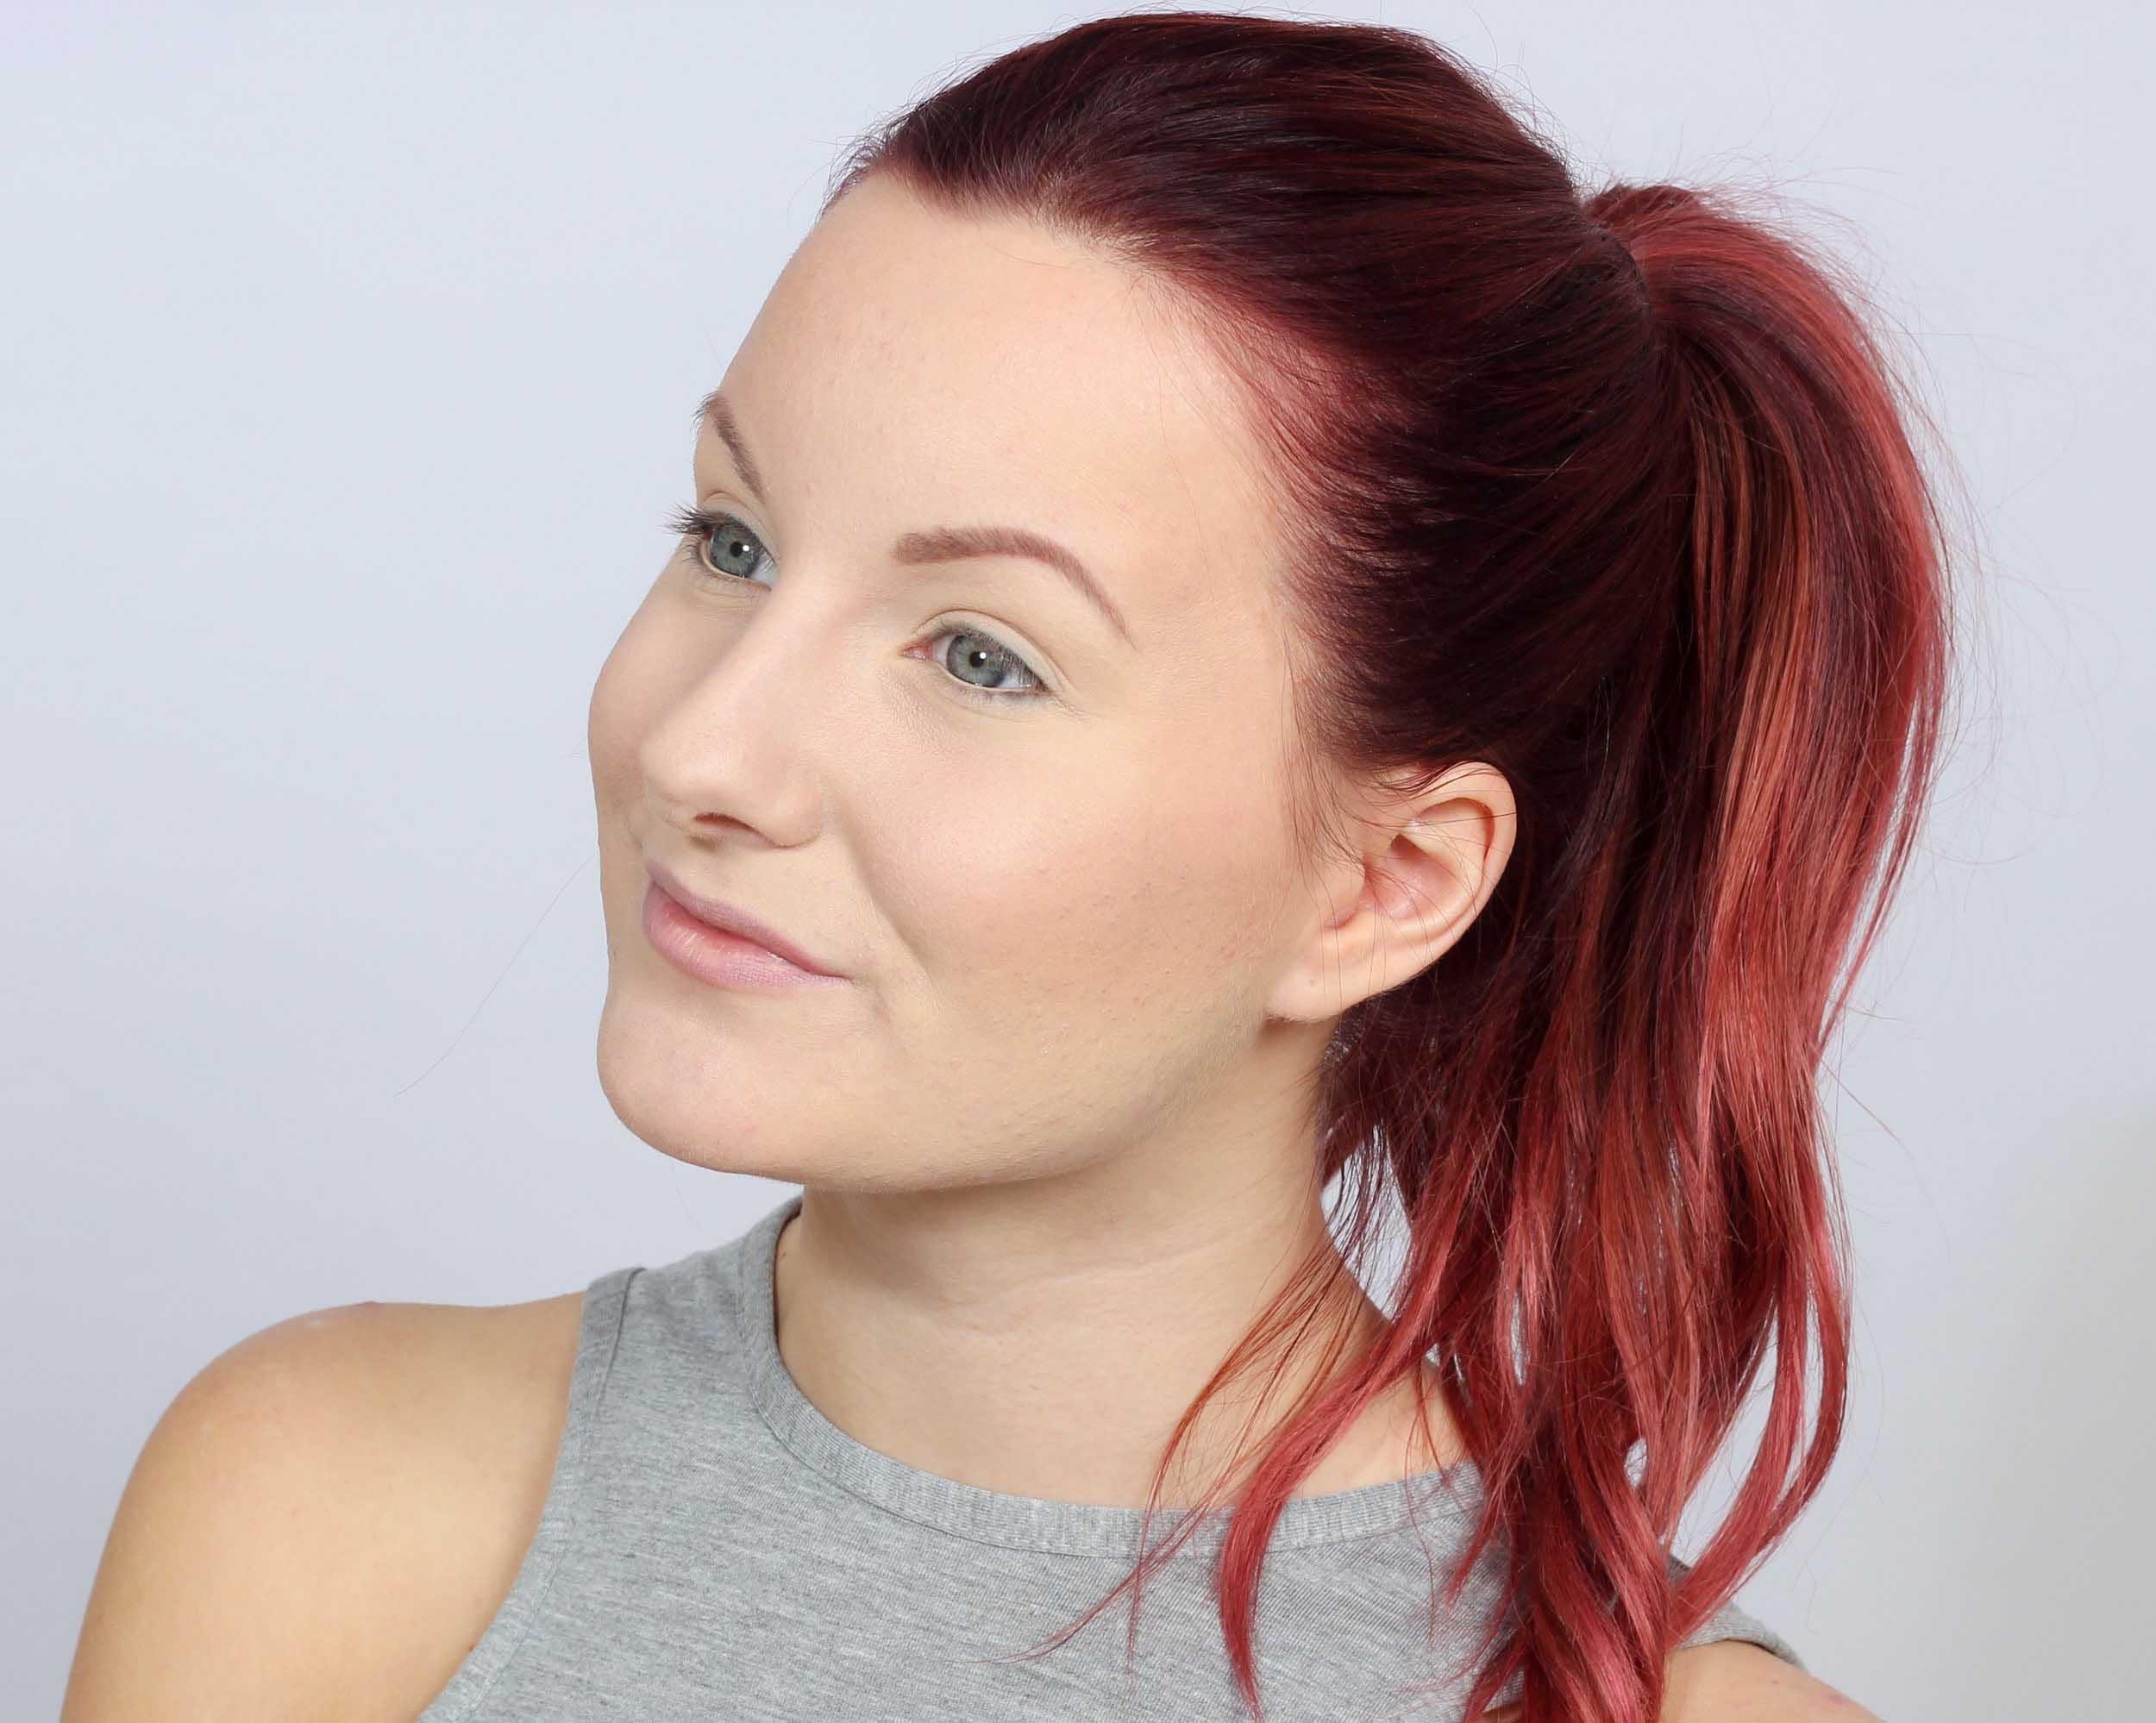 makeup over rosacea